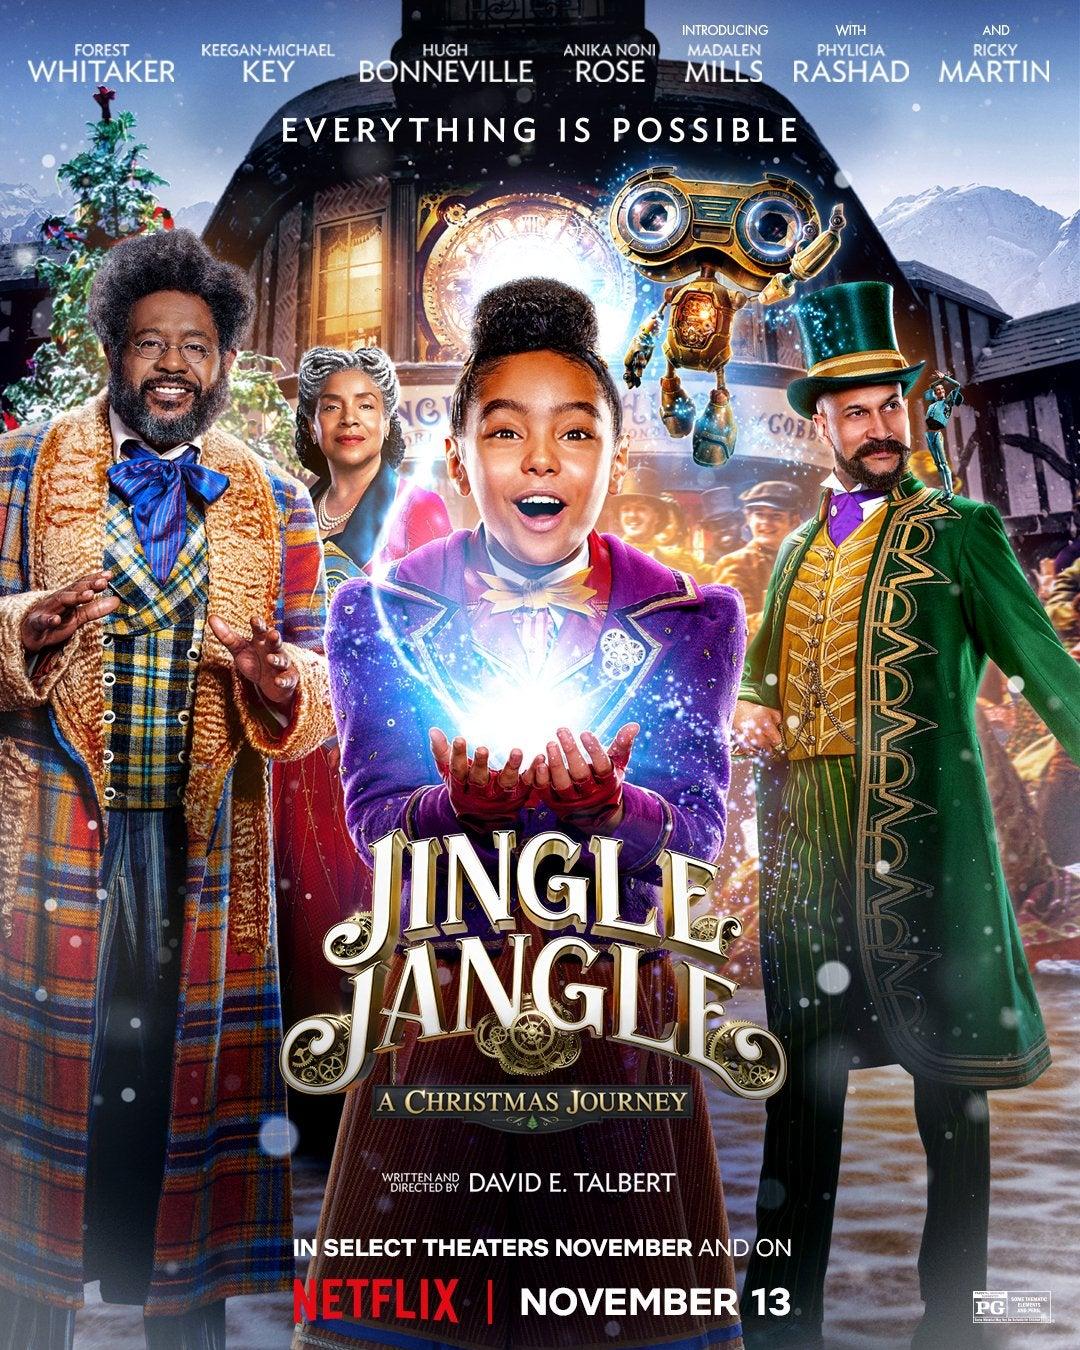 Jingle Jangle: A Christmas Journey 2020 Dual Audio Hindi ORG 400MB NF HDRip 480p ESubs